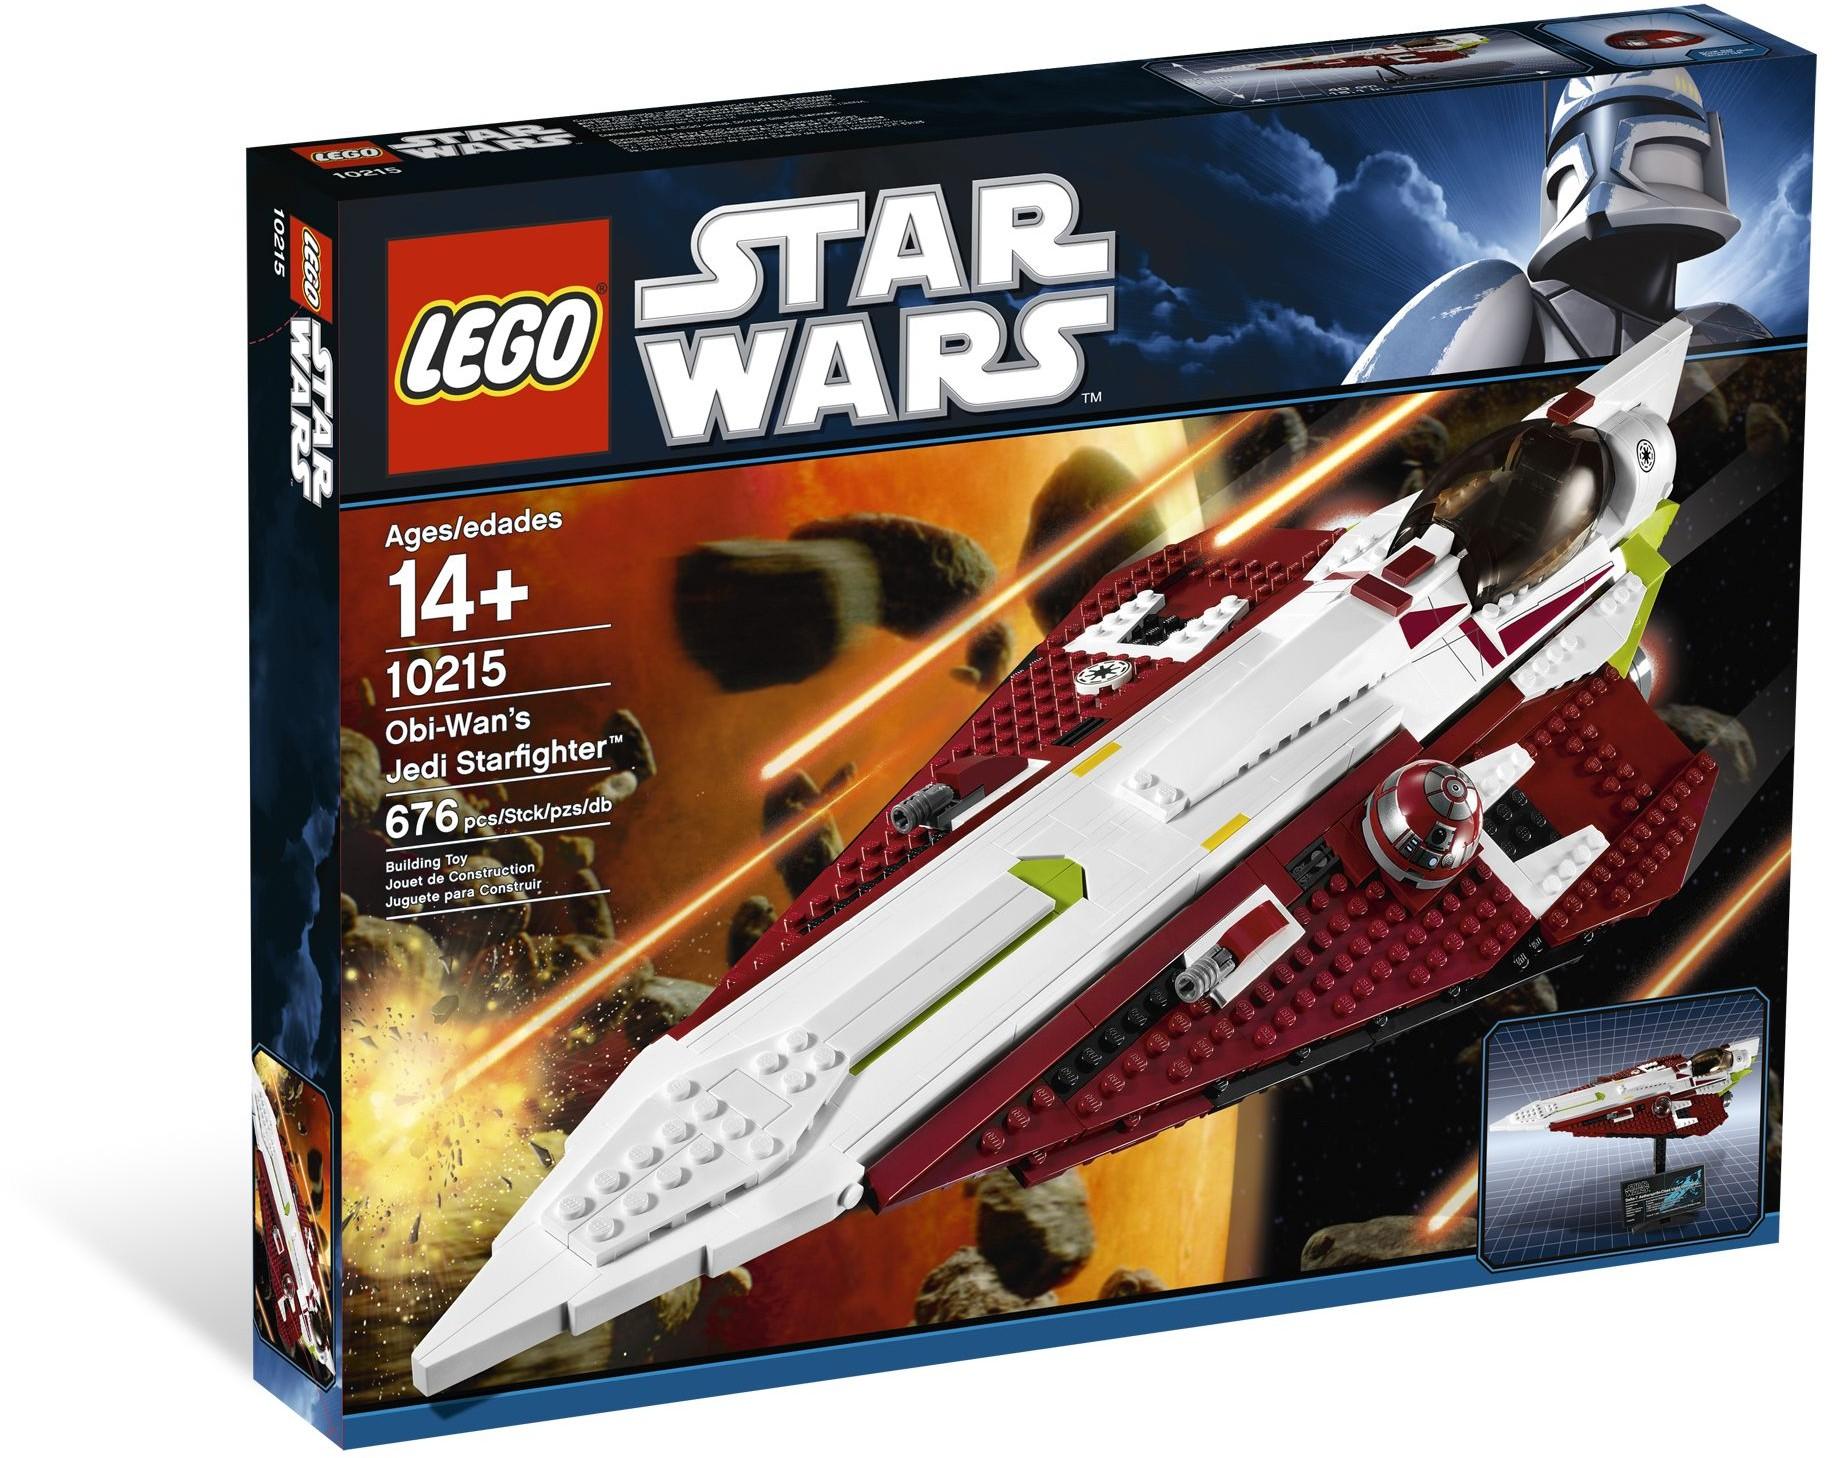 Obi-Wan's Jedi Starfighter -